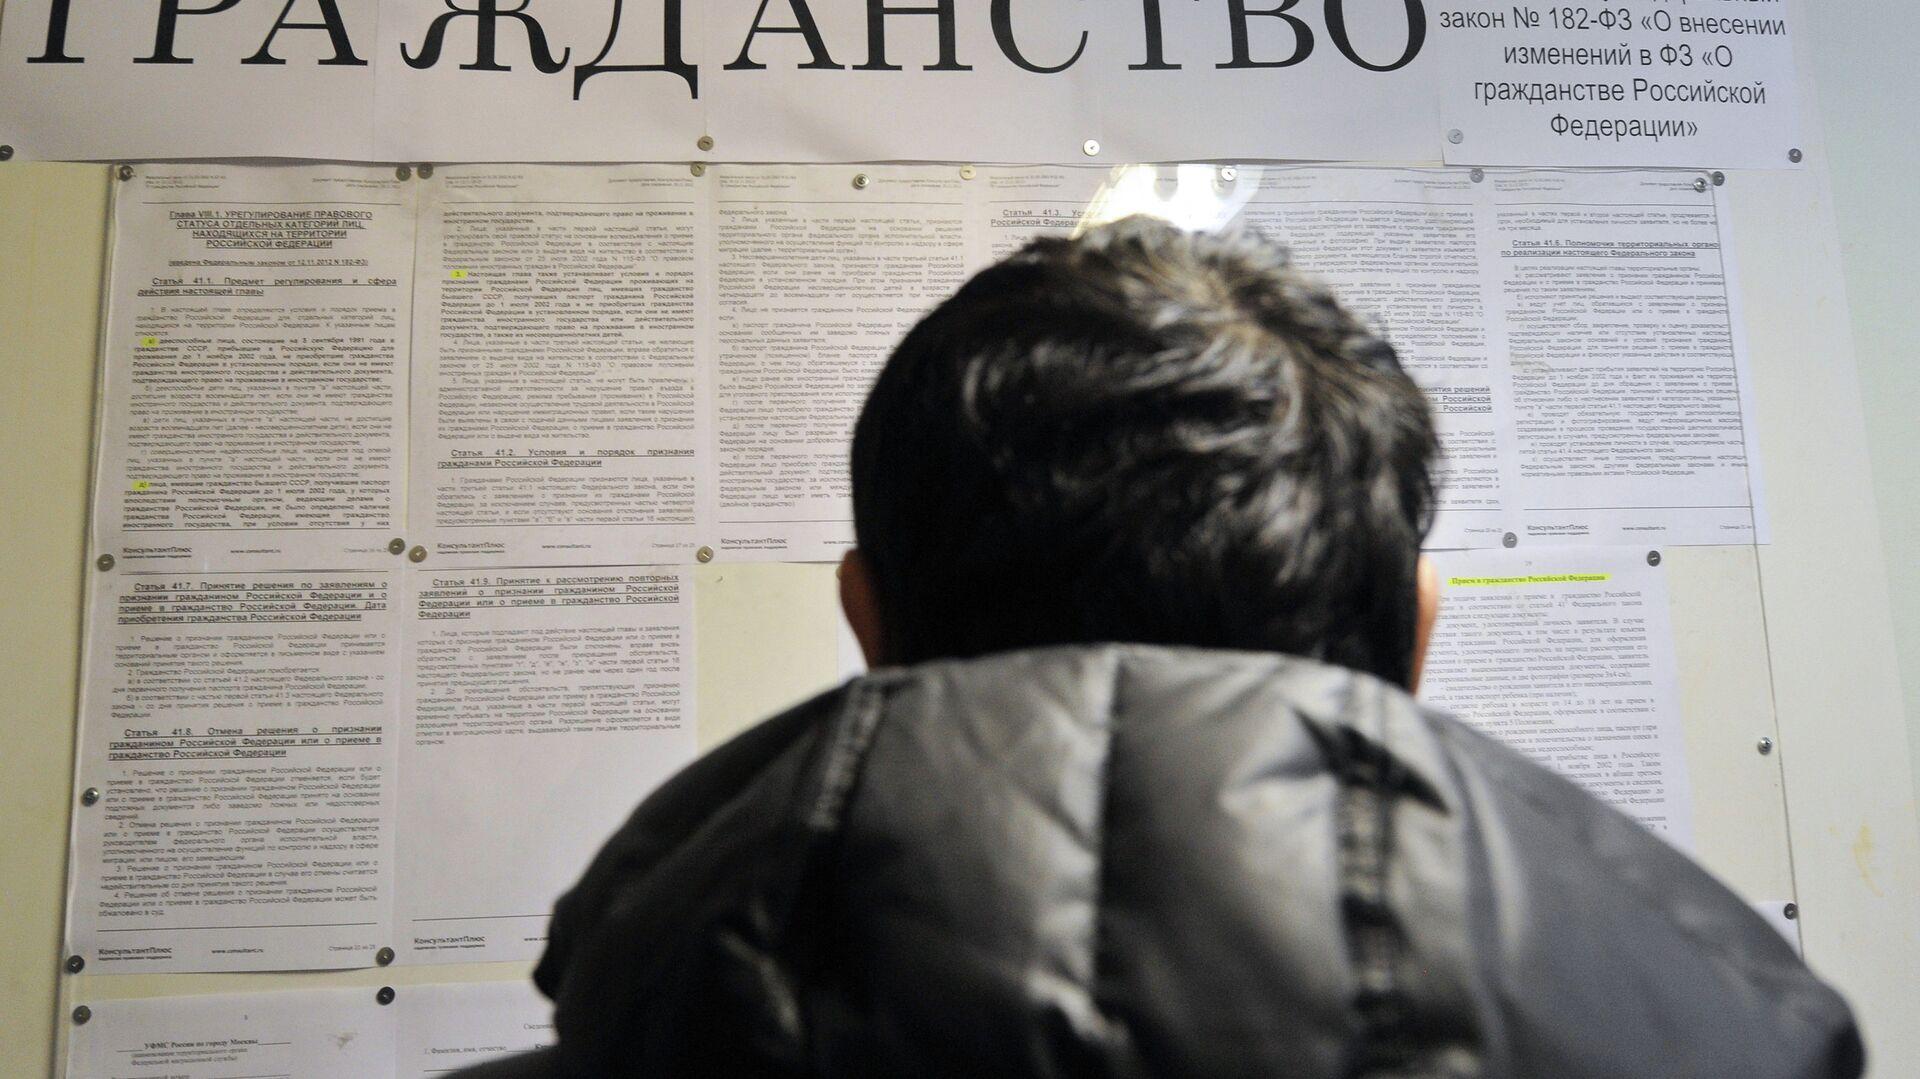 Информационное табло в отделении по вопросам гражданства РФ. Архивное фото - Sputnik Таджикистан, 1920, 07.04.2021